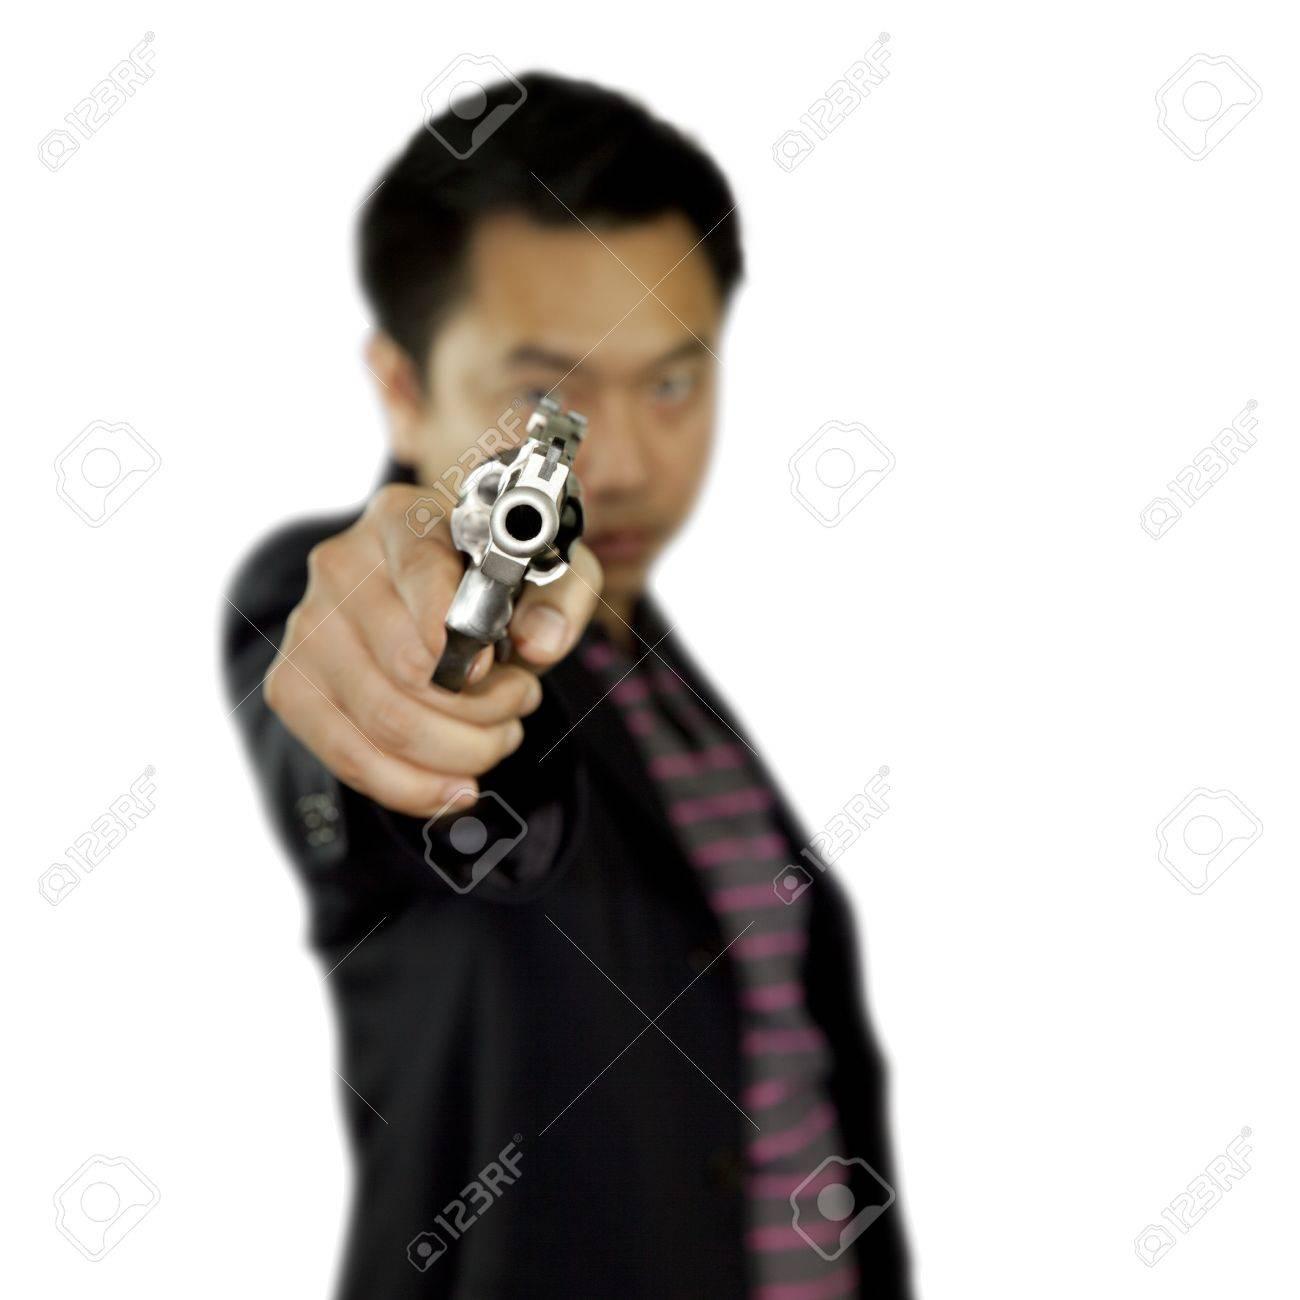 Man pointing gun on white background Stock Photo - 17381260